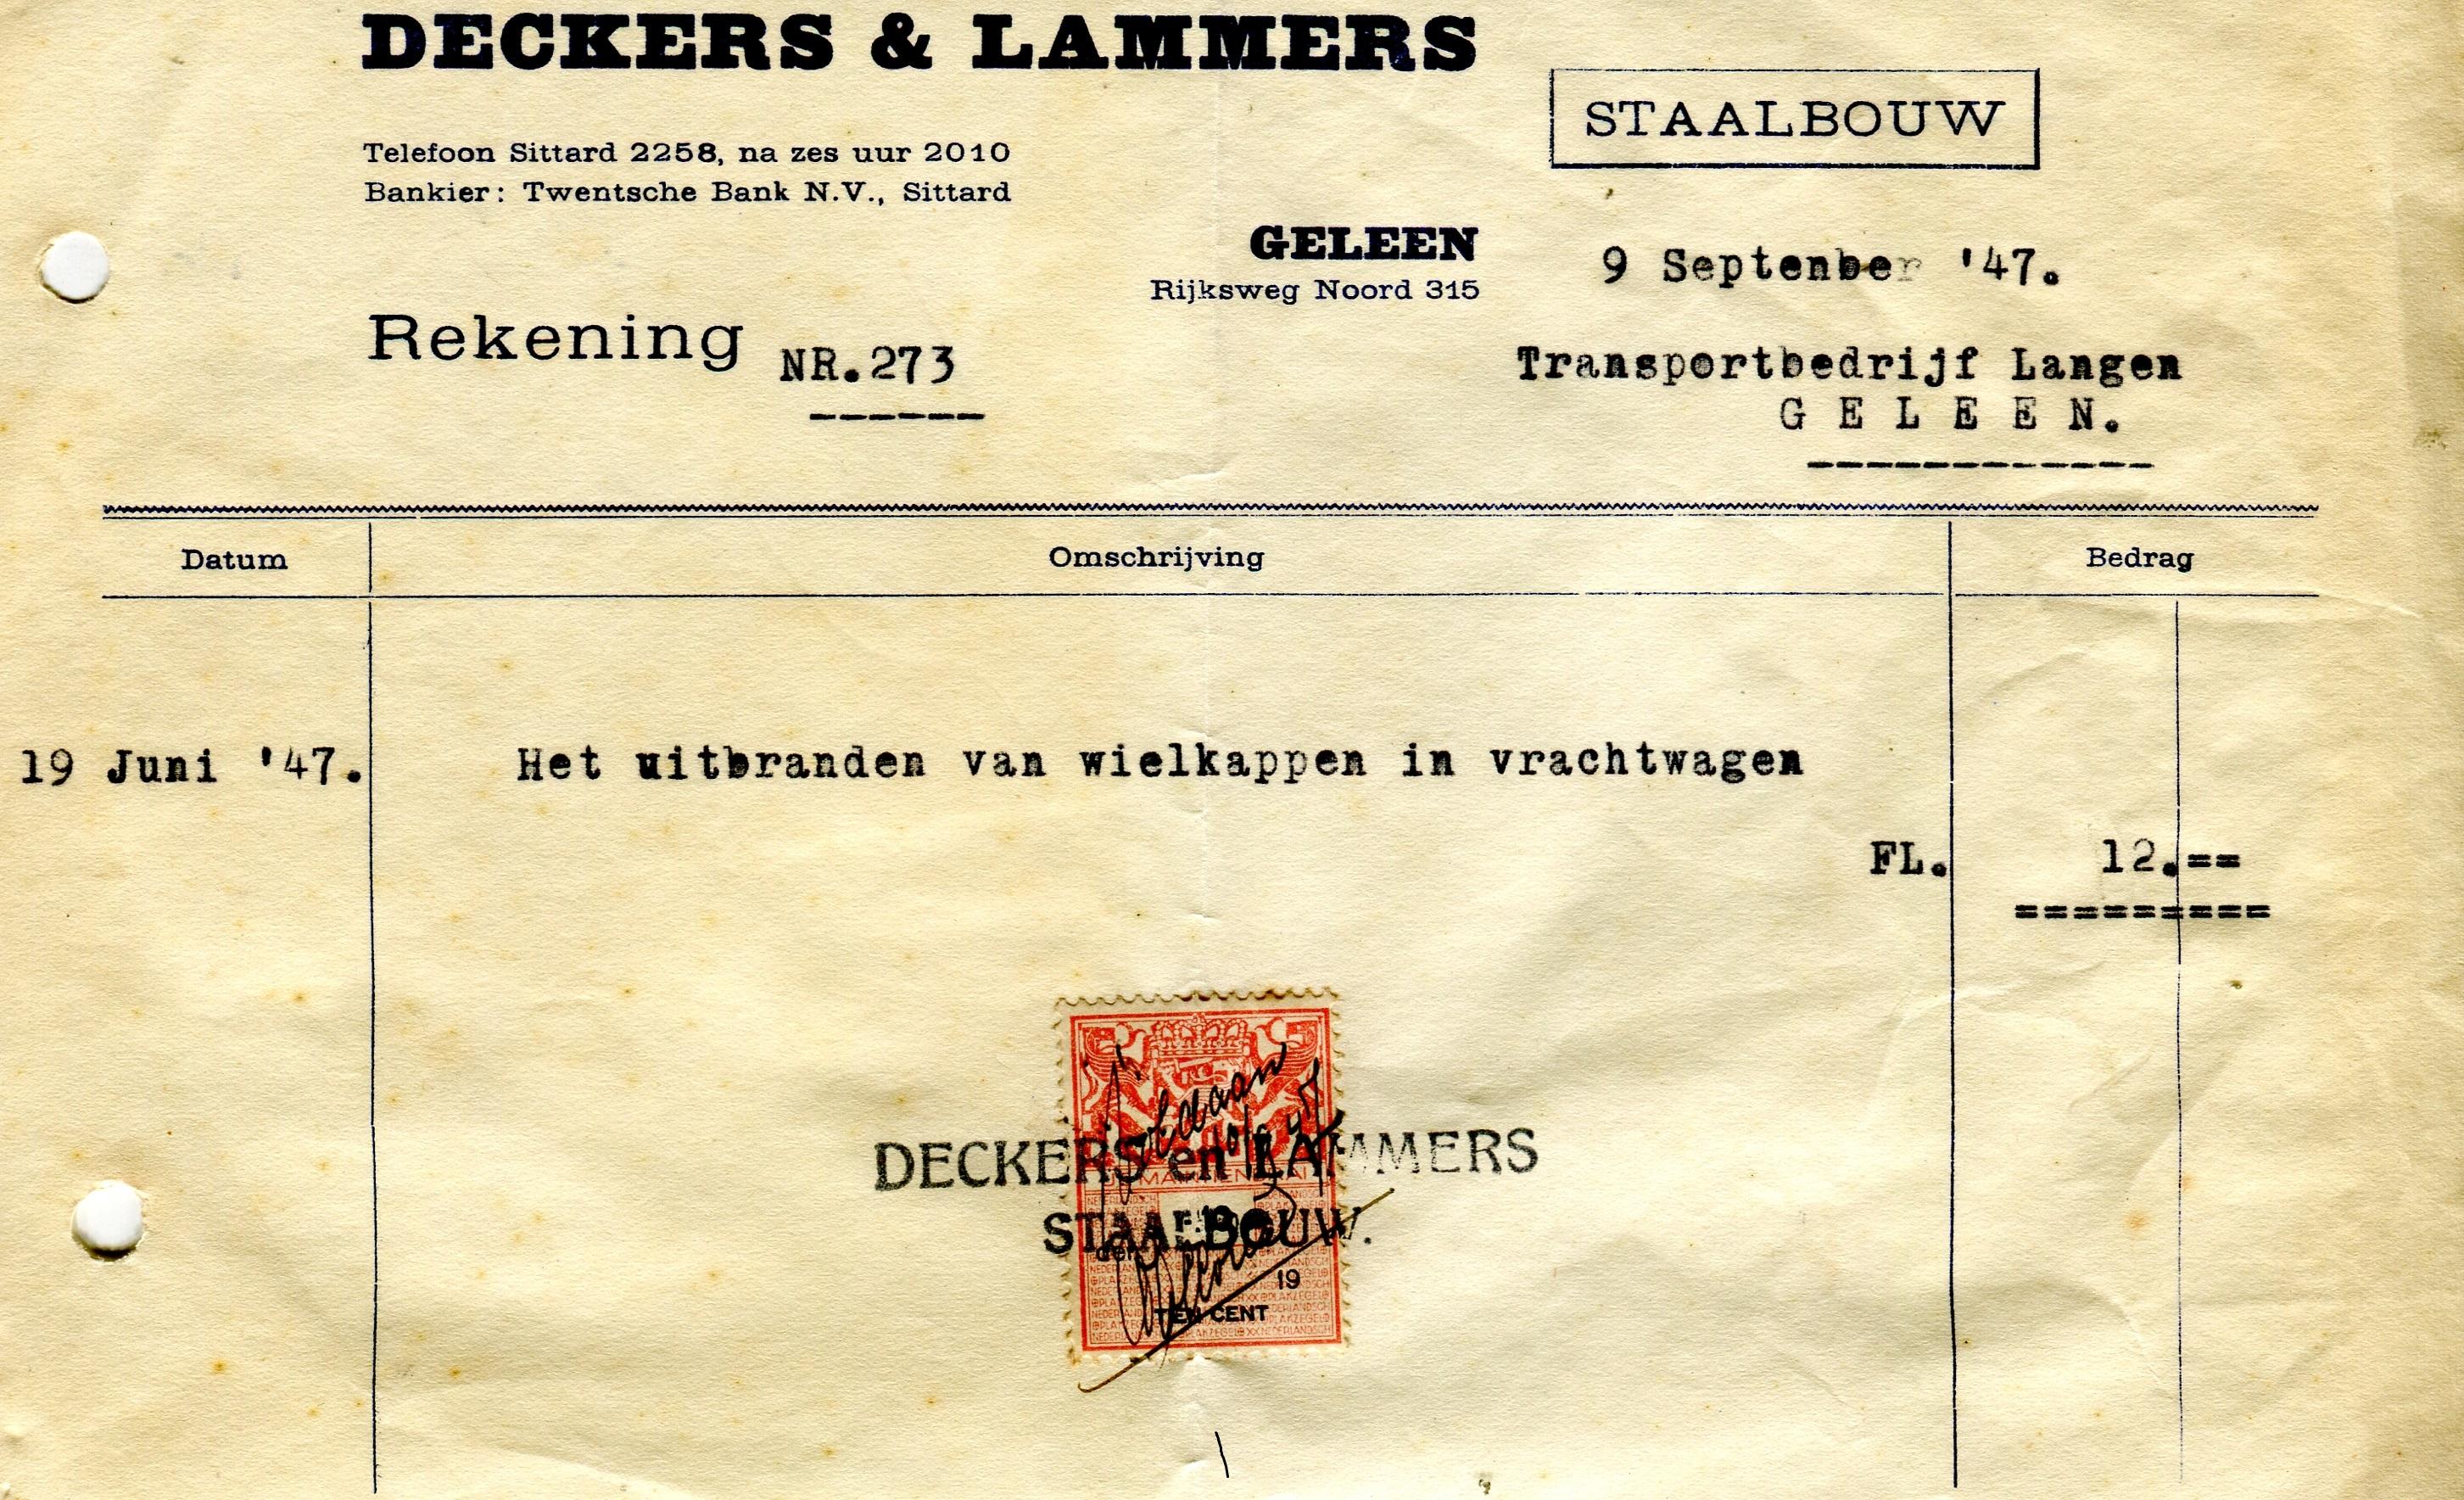 1947--wielkappen-uitsnijden